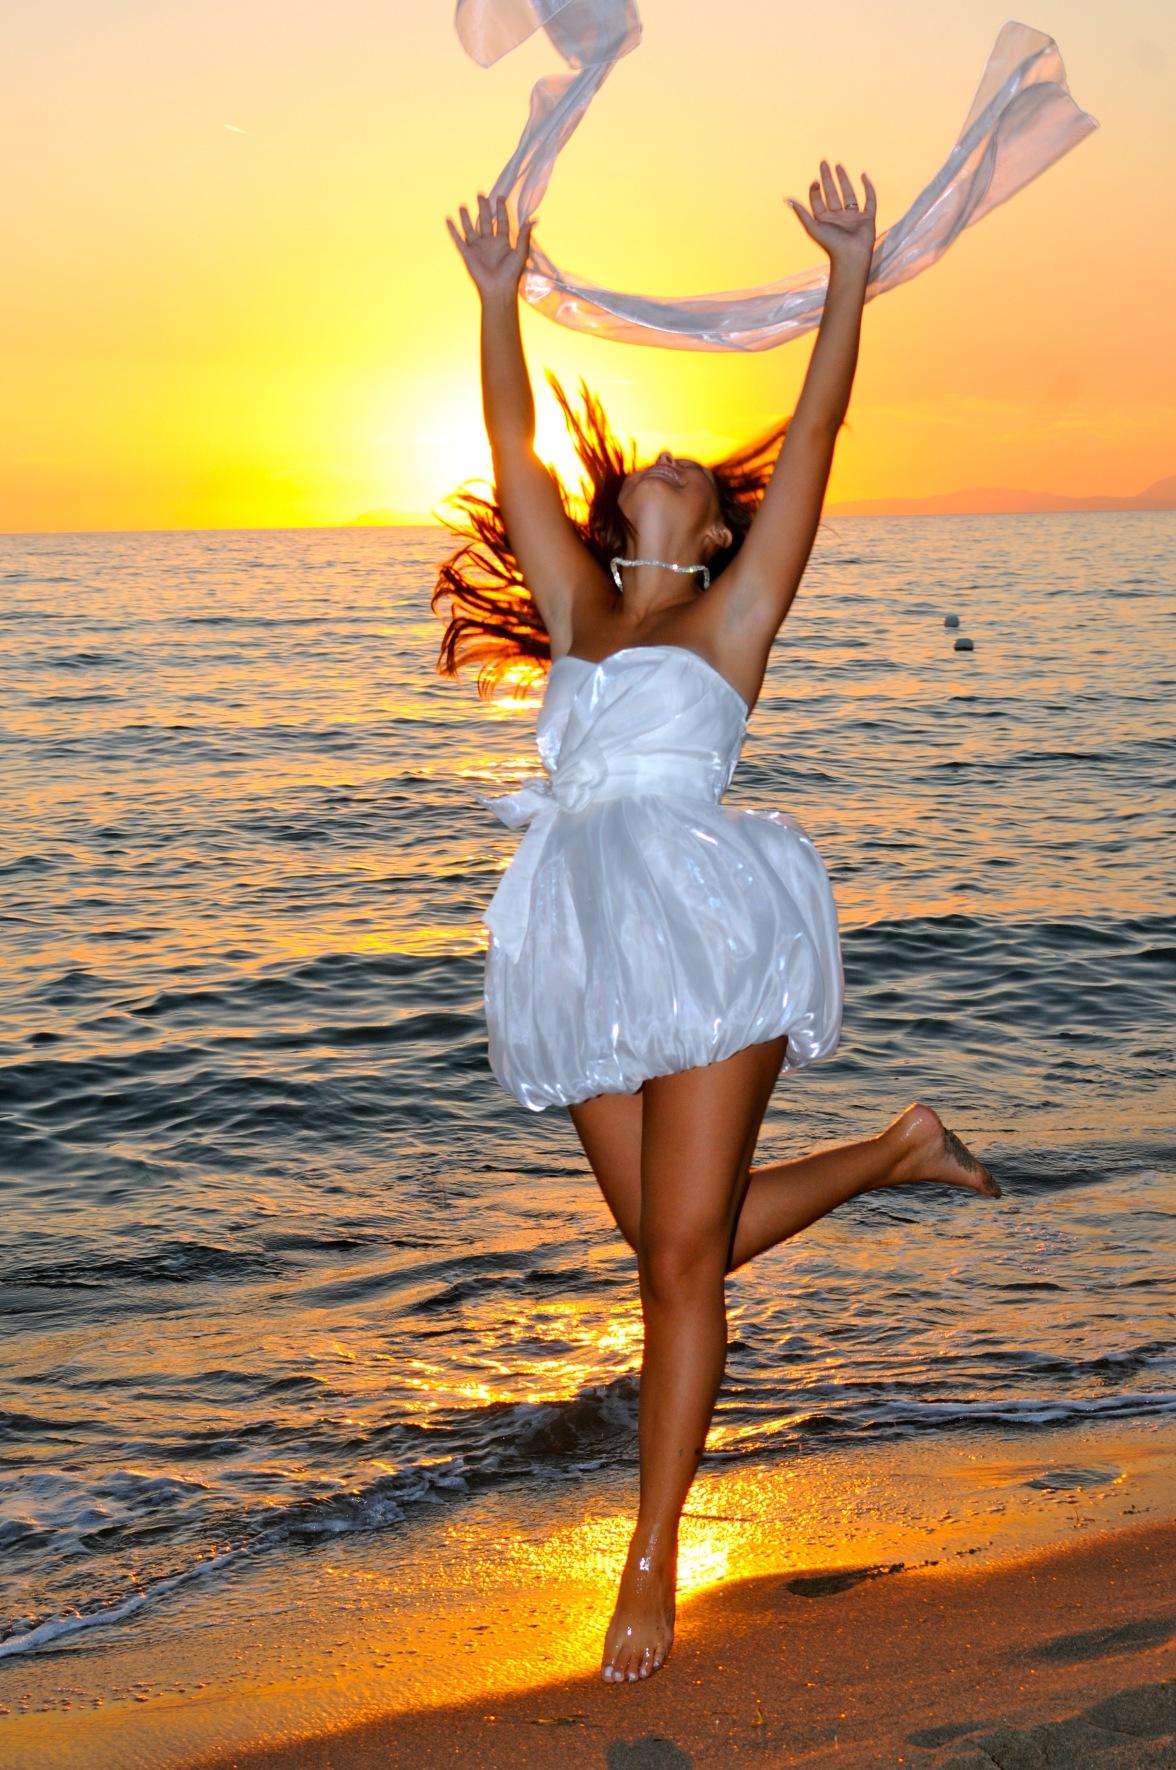 giovane ragazza salta felice sulla spiaggia